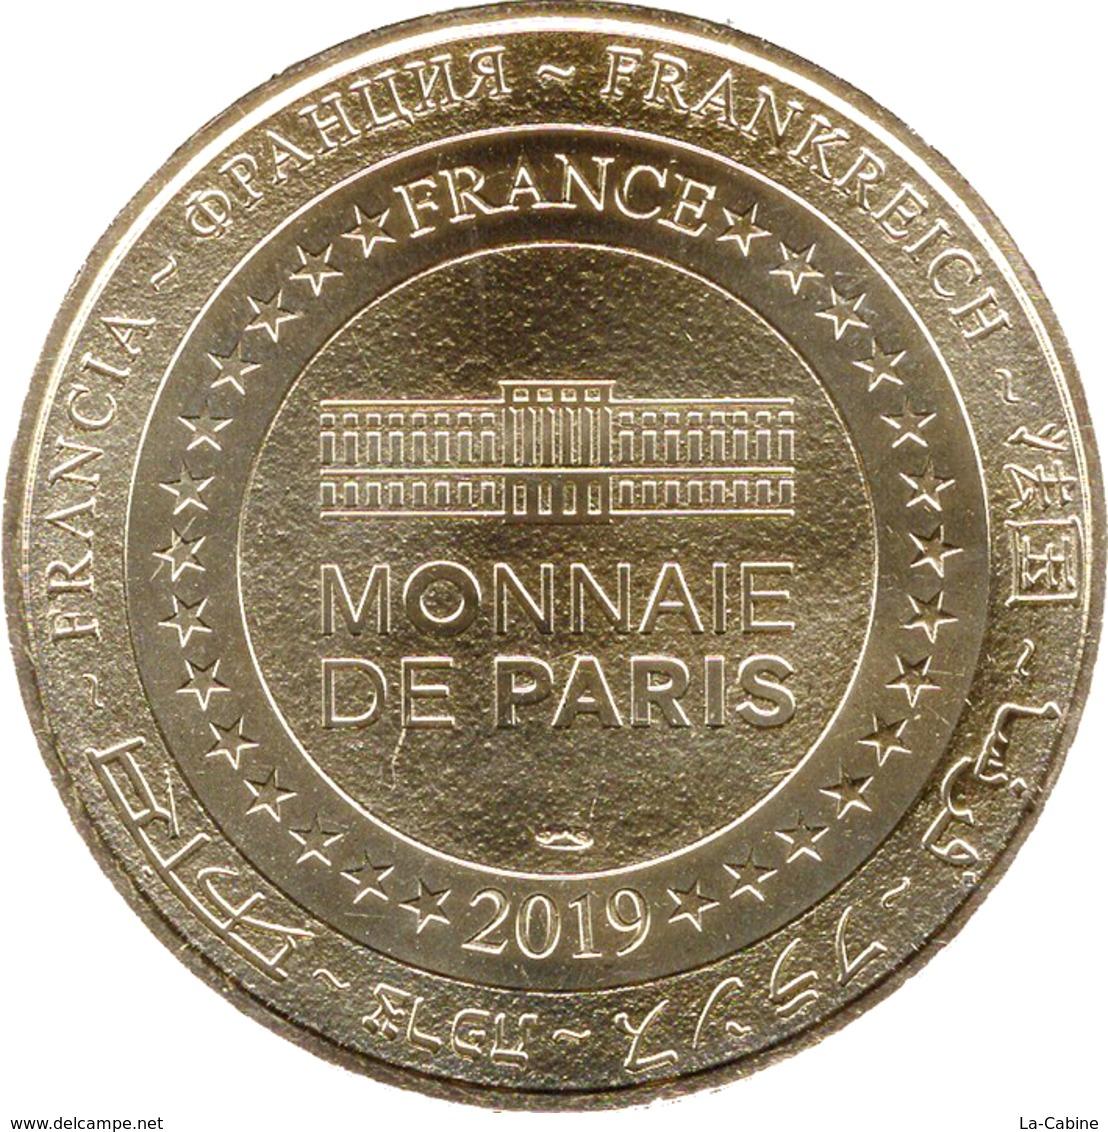 13 AUBAGNE LE PETIT MONDE DE MARCEL PAGNOL THÉRÈSE NEUVEU MÉDAILLE MONNAIE DE PARIS 2019 JETON TOKEN MEDALS COINS - 2019